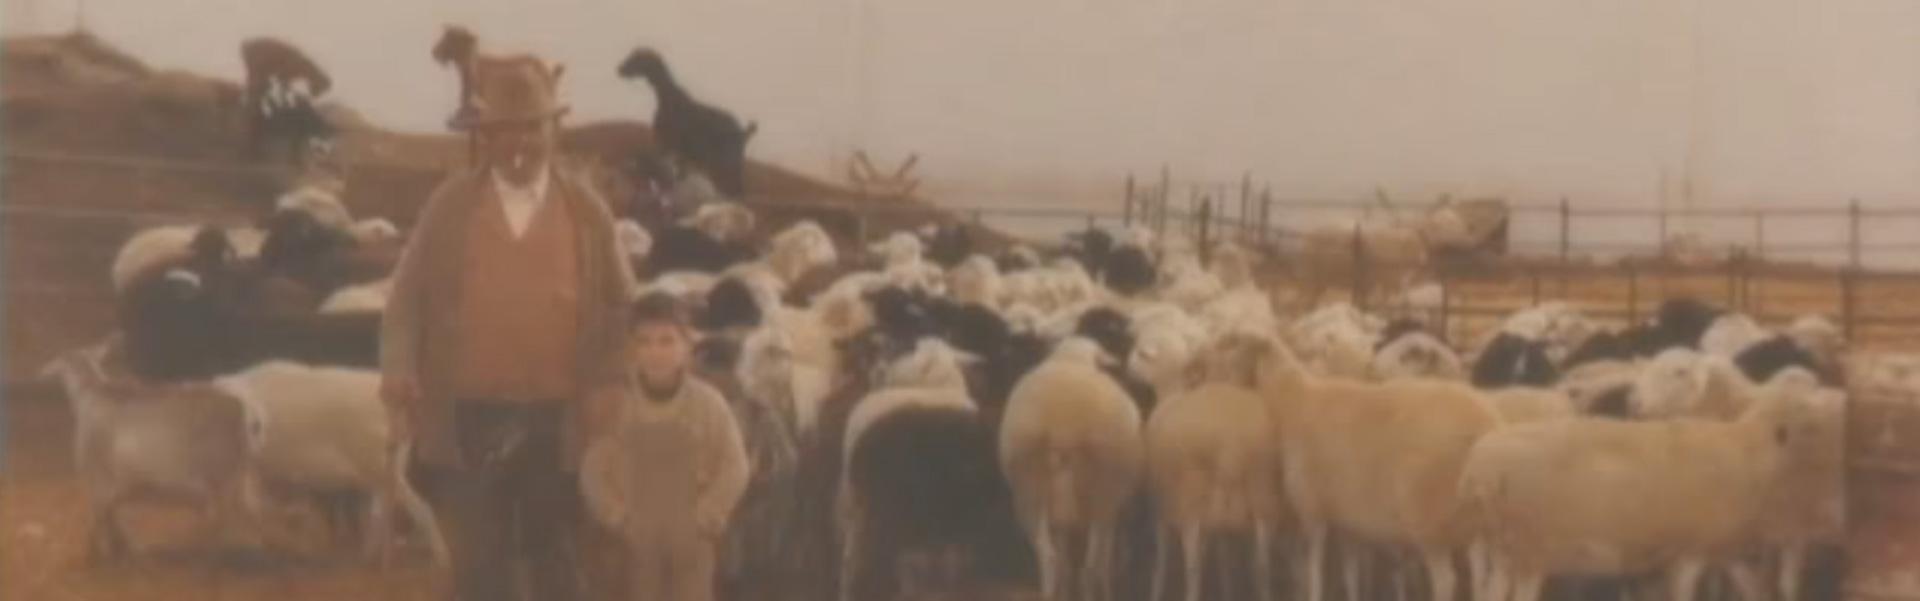 foto antigua del ganado Patiño, abuelo y nieto